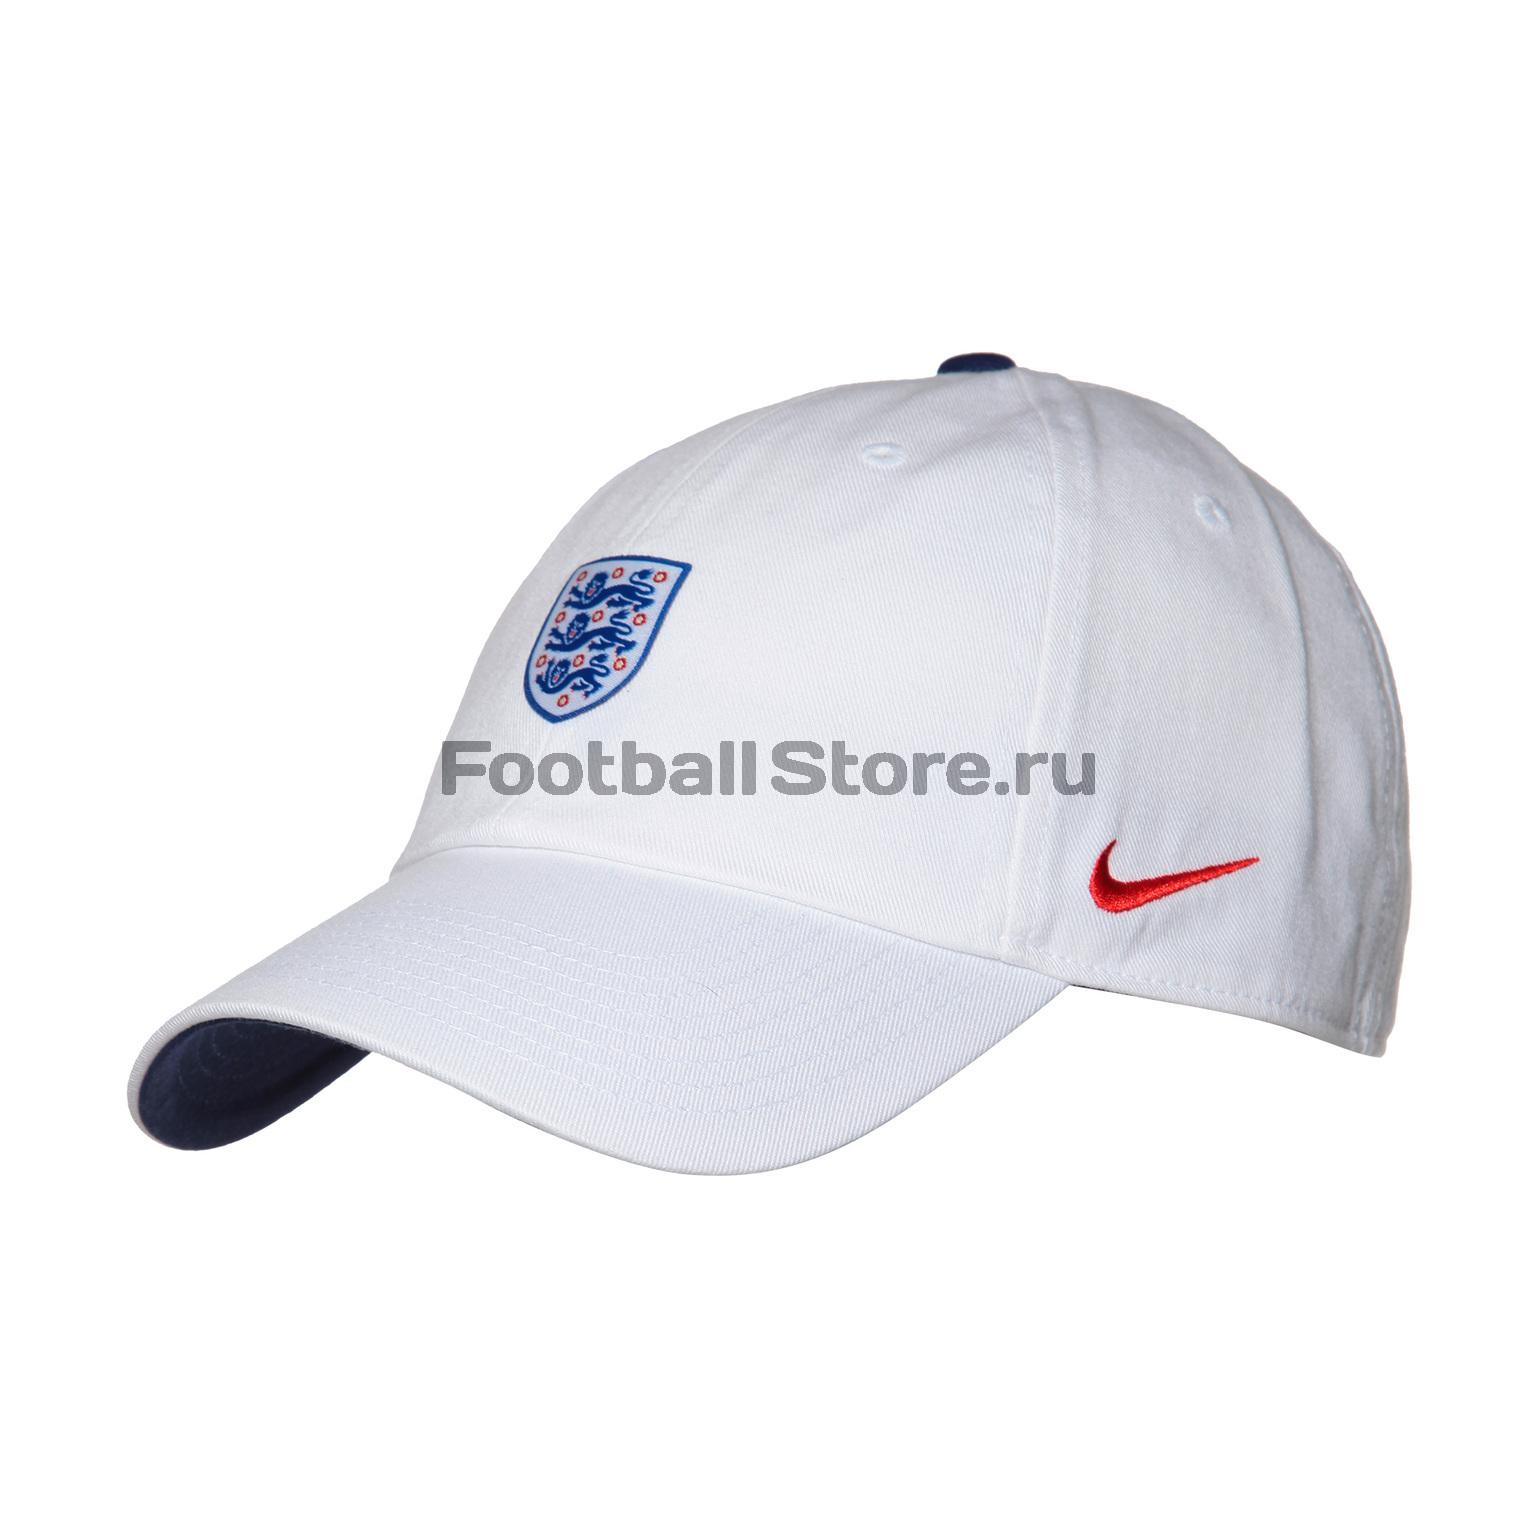 Бейсболка Nike England Cap 881712-101 бейсболки nike бейсболка u nsw h86 cap metal futura